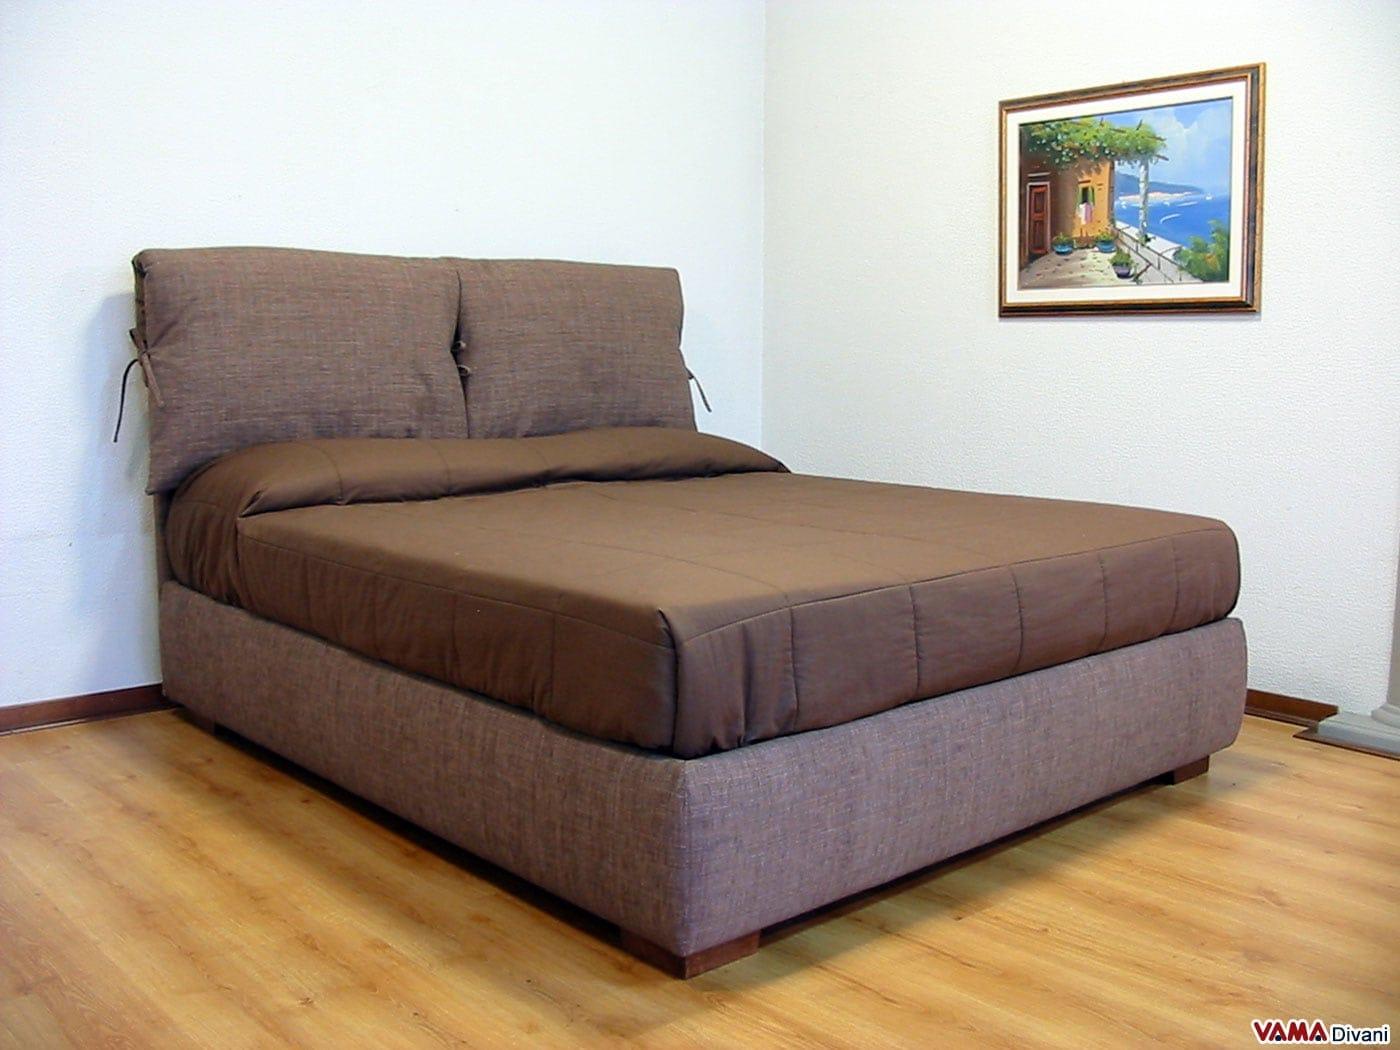 Lampadari camera da letto - Testate letto matrimoniale ...